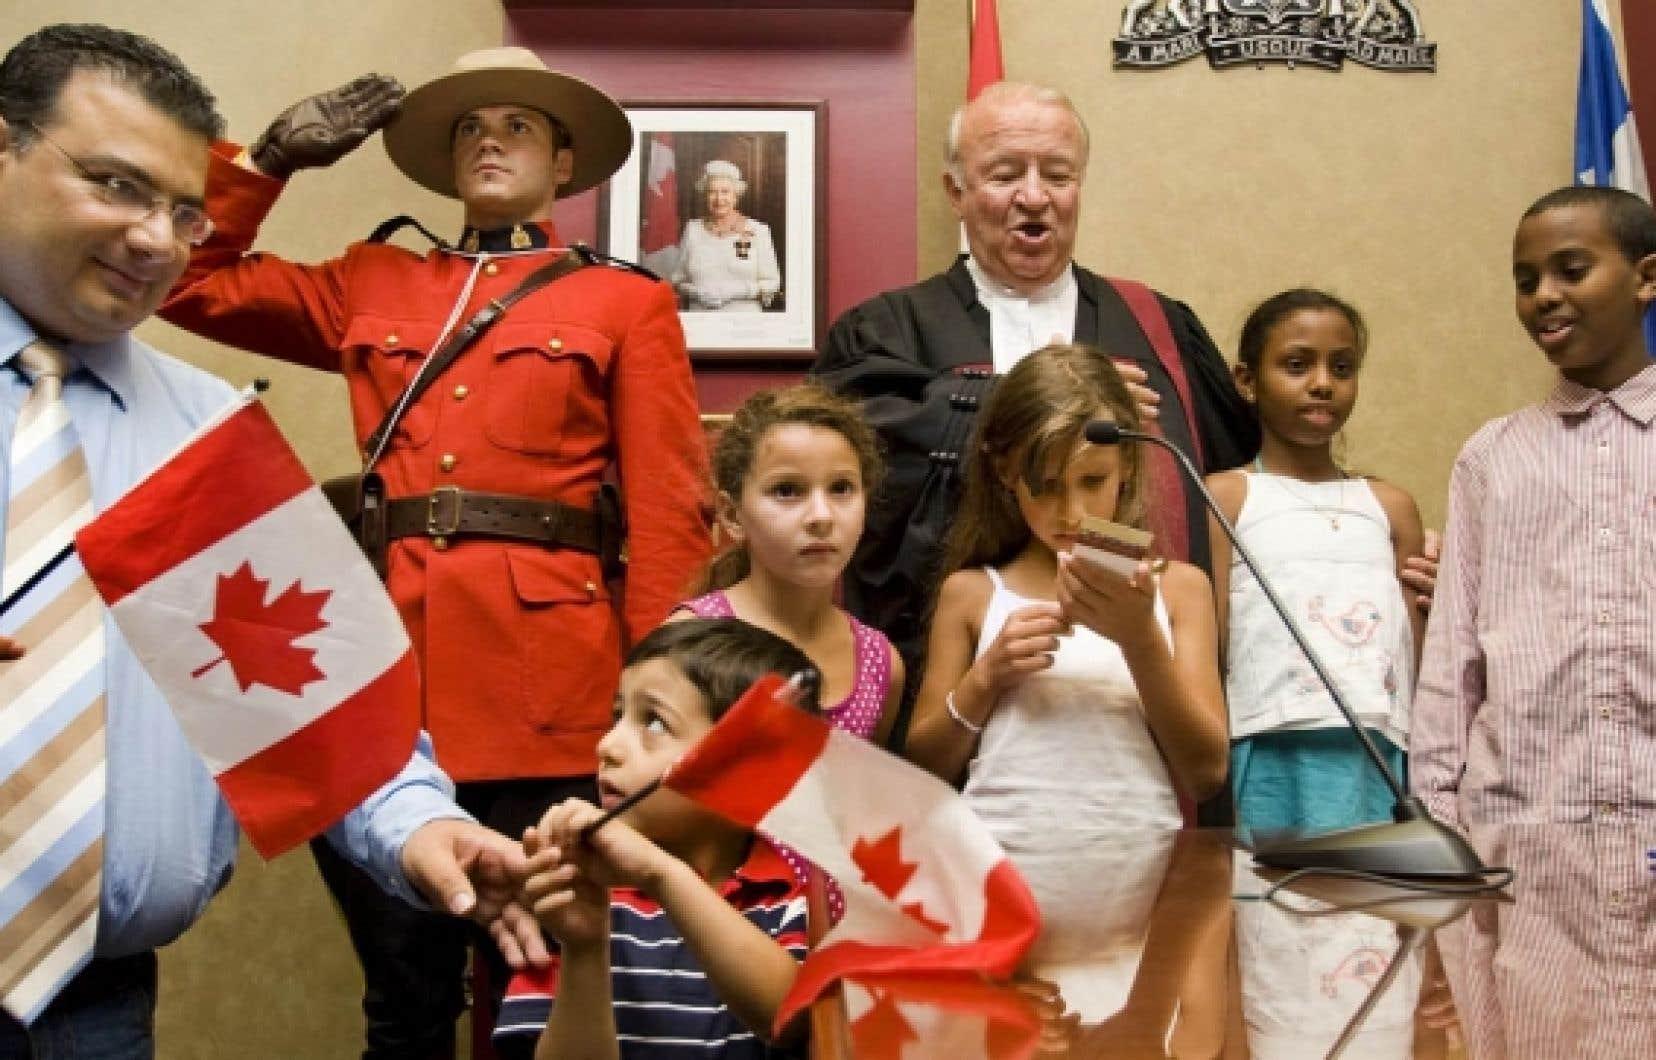 Les États-Unis ne doivent pas interférer dans le processus d'octroi de la citoyenneté et du statut de réfugié au Canada, estime le chef du PLC, Michael Ignatieff.<br />